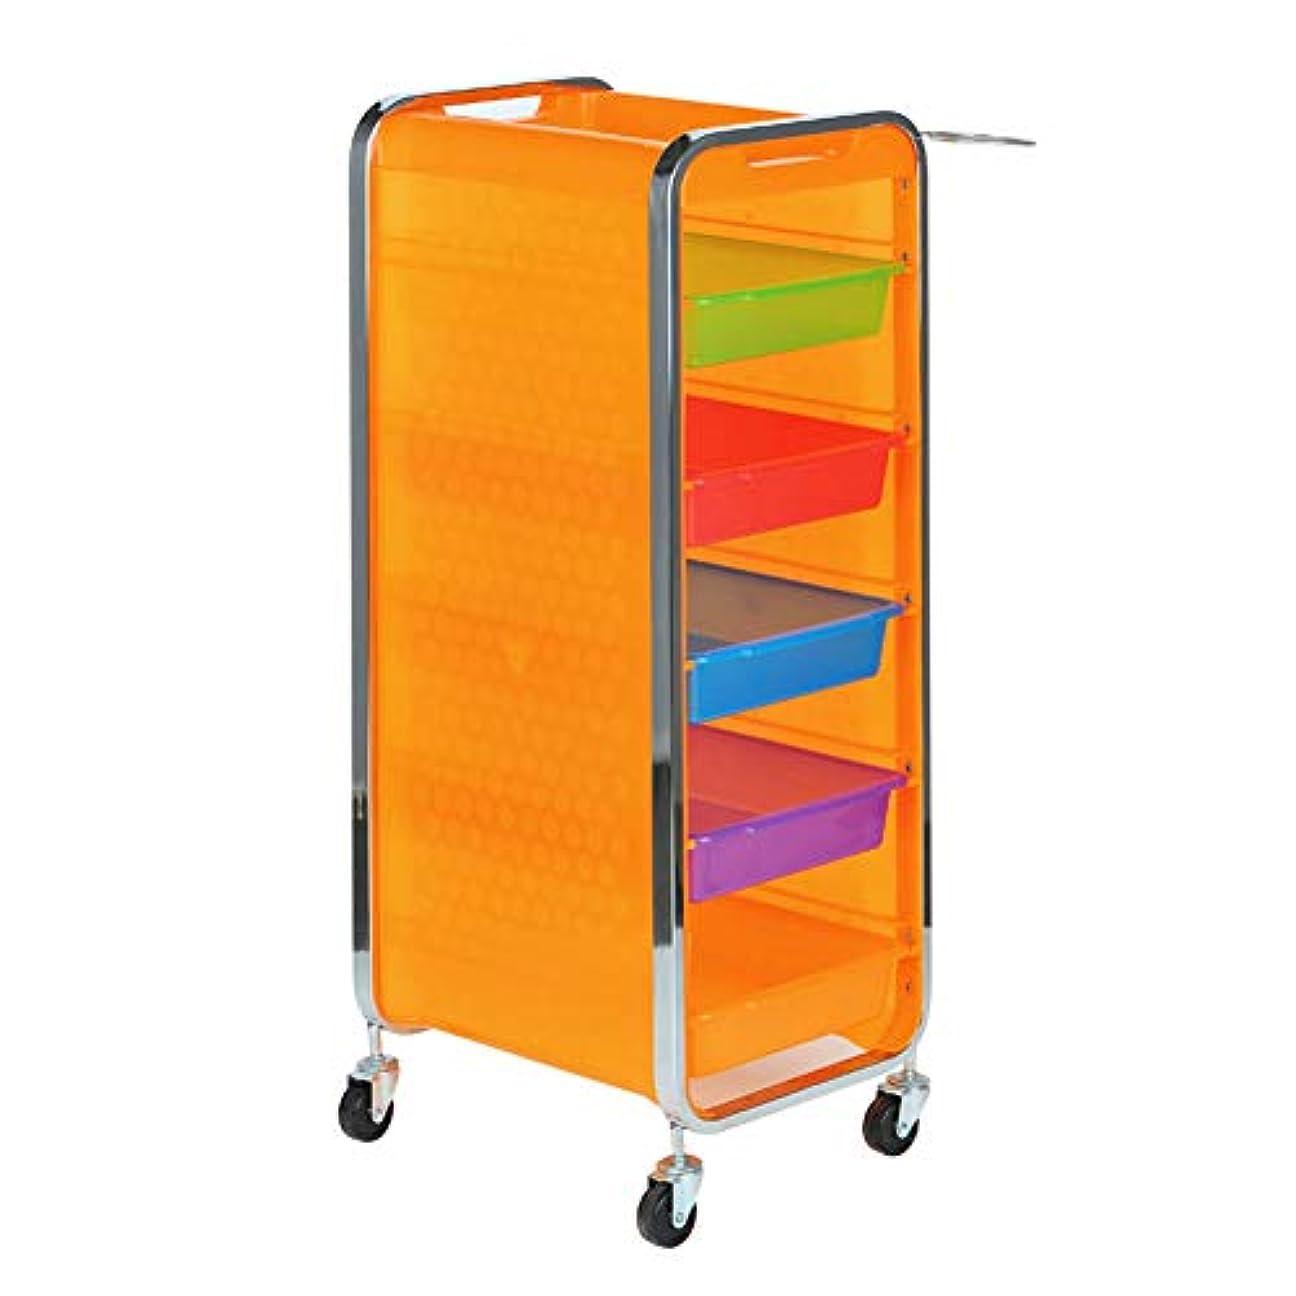 金額報いる誕生サロン美容院トロリー美容美容収納カート6層トレイ多機能引き出し虹色,Orange,B